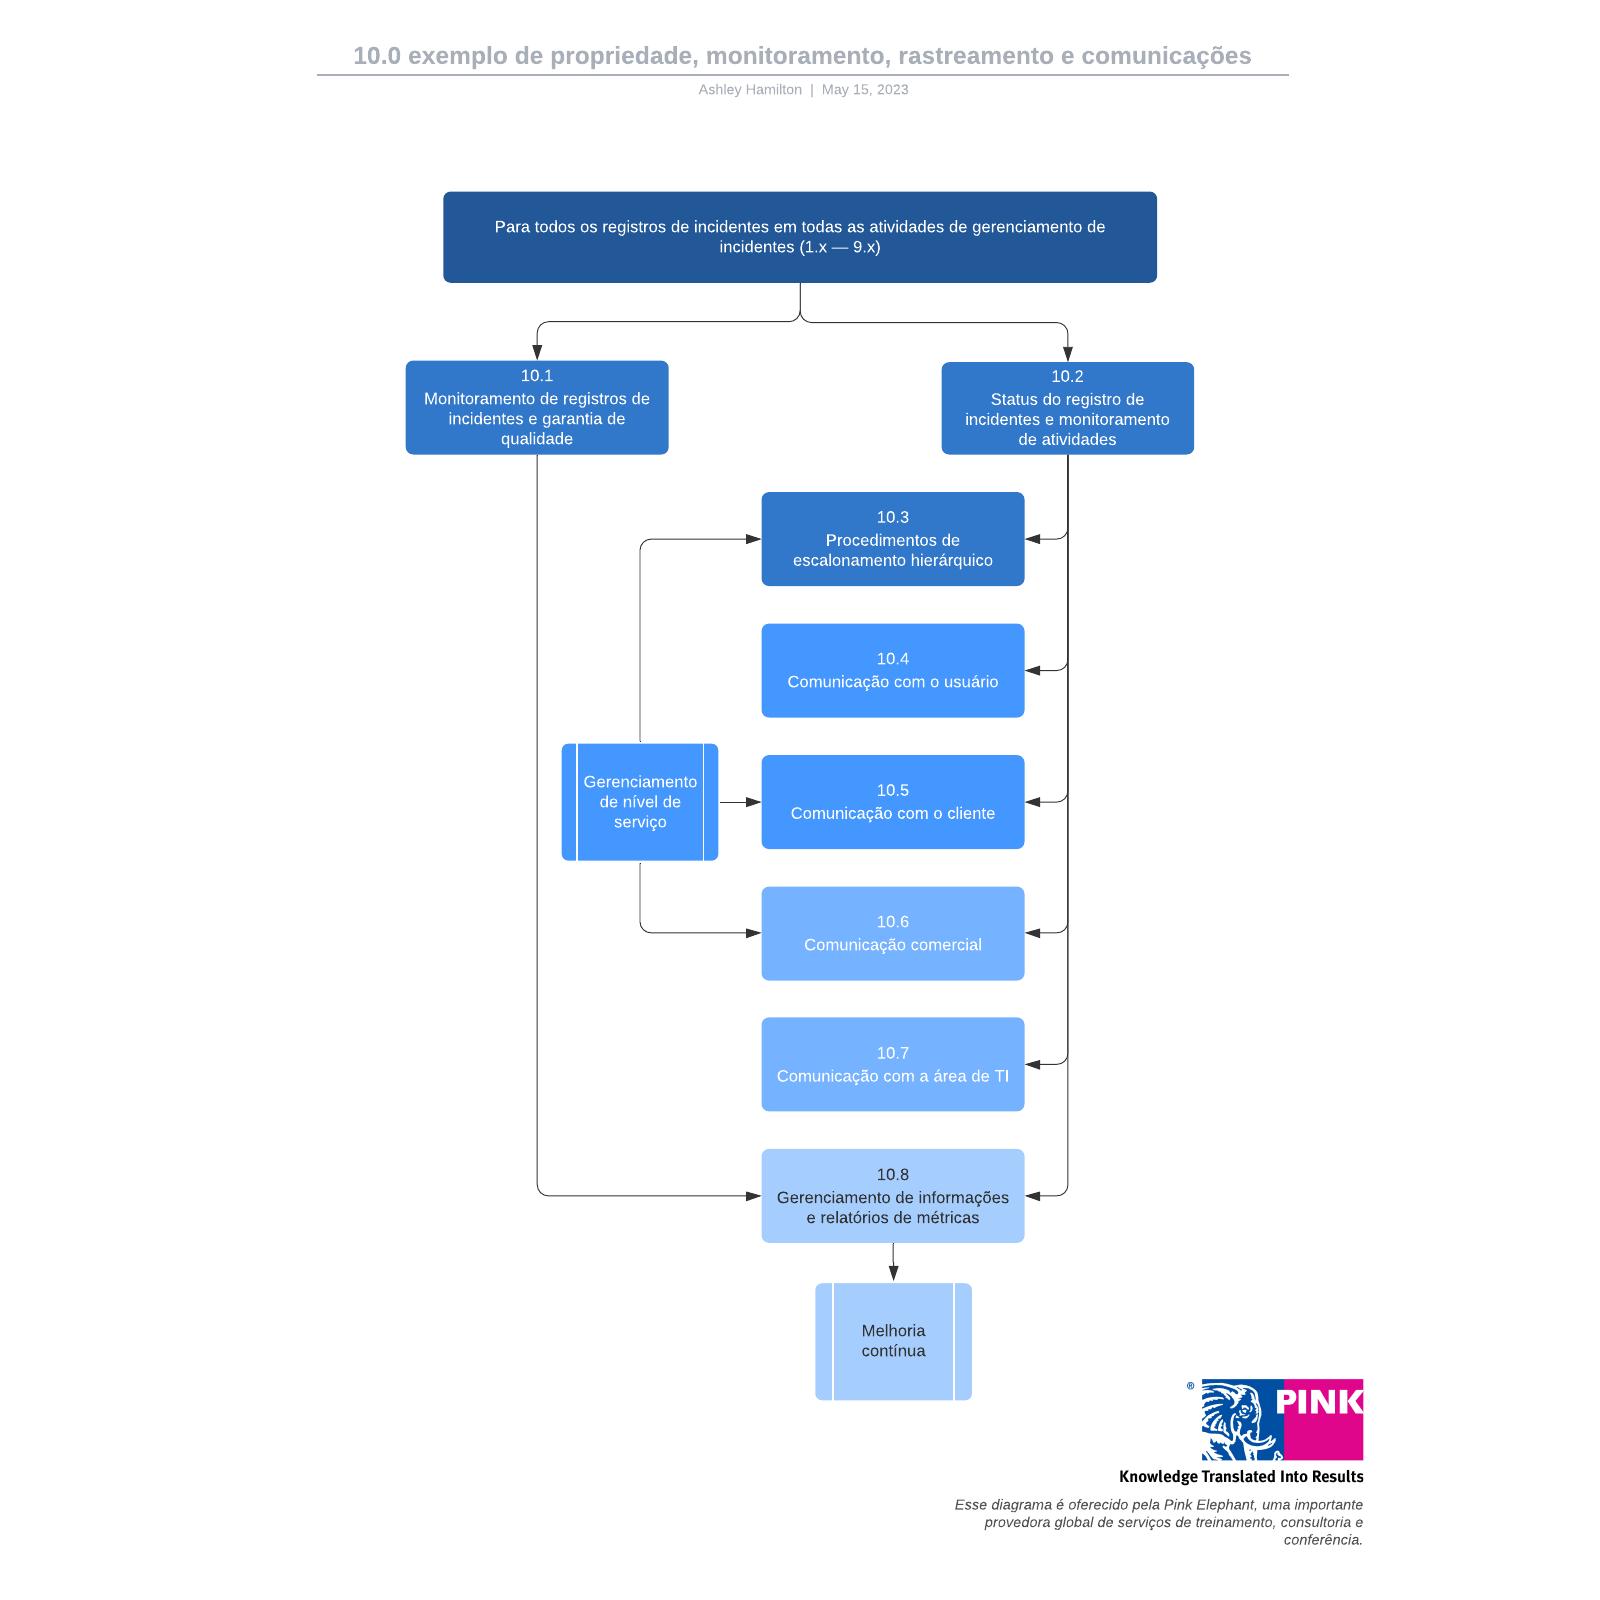 10.0 exemplo de propriedade, monitoramento, rastreamento e comunicações